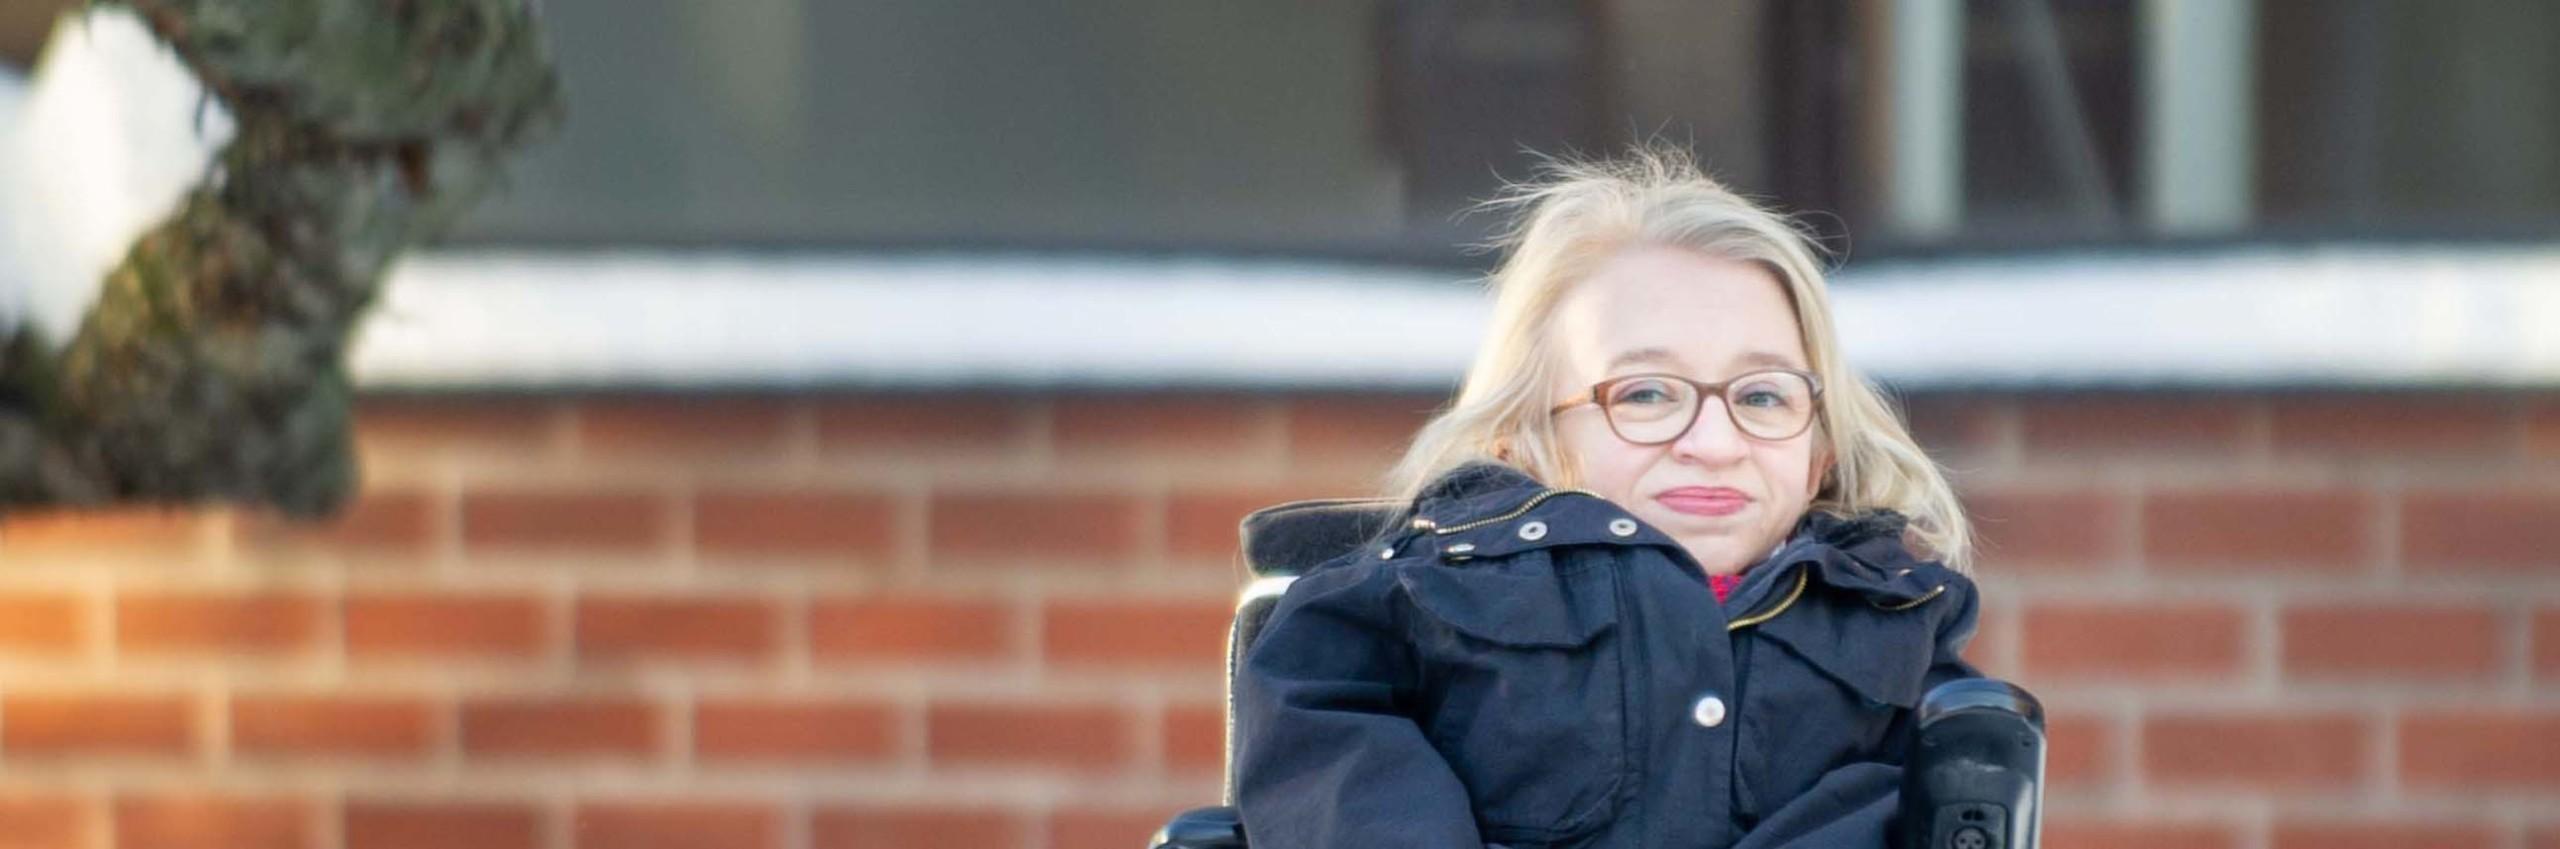 Vaalea- ja pitkätukkainen, silmälasipäinen nainen istuu tummassa takissa pyörätuolissa. koulun pihalla.